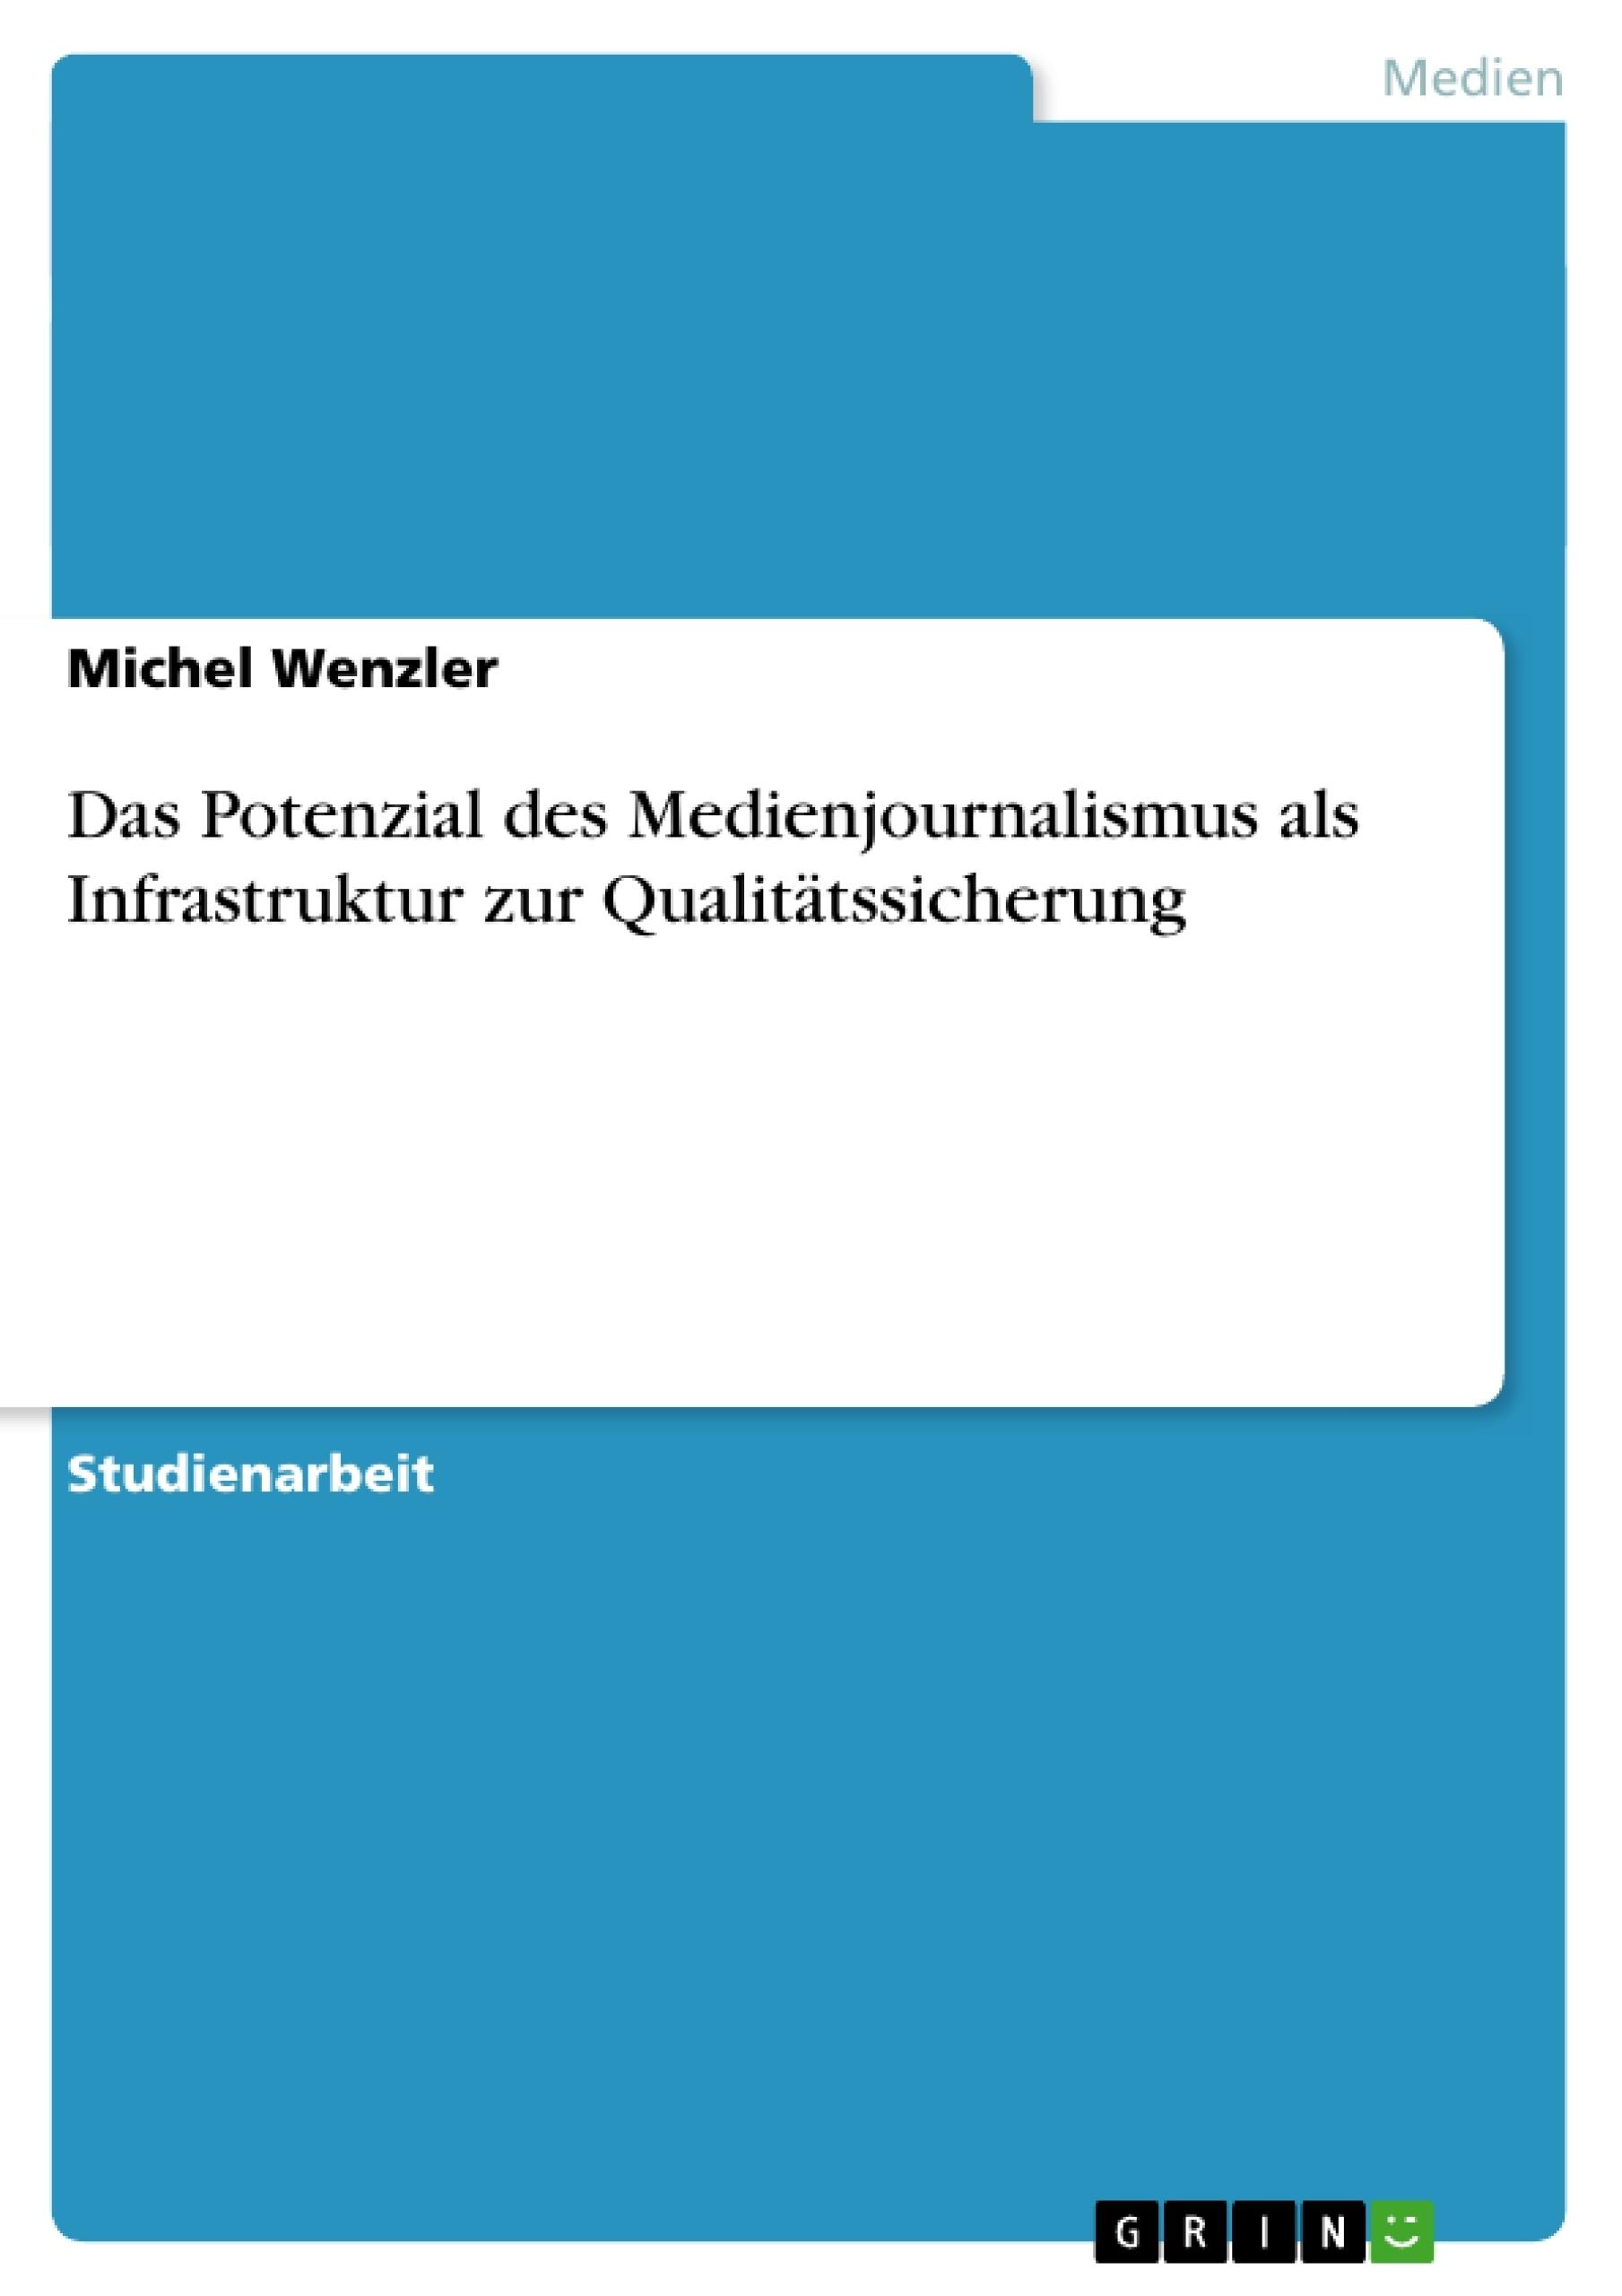 Titel: Das Potenzial des Medienjournalismus als Infrastruktur zur Qualitätssicherung